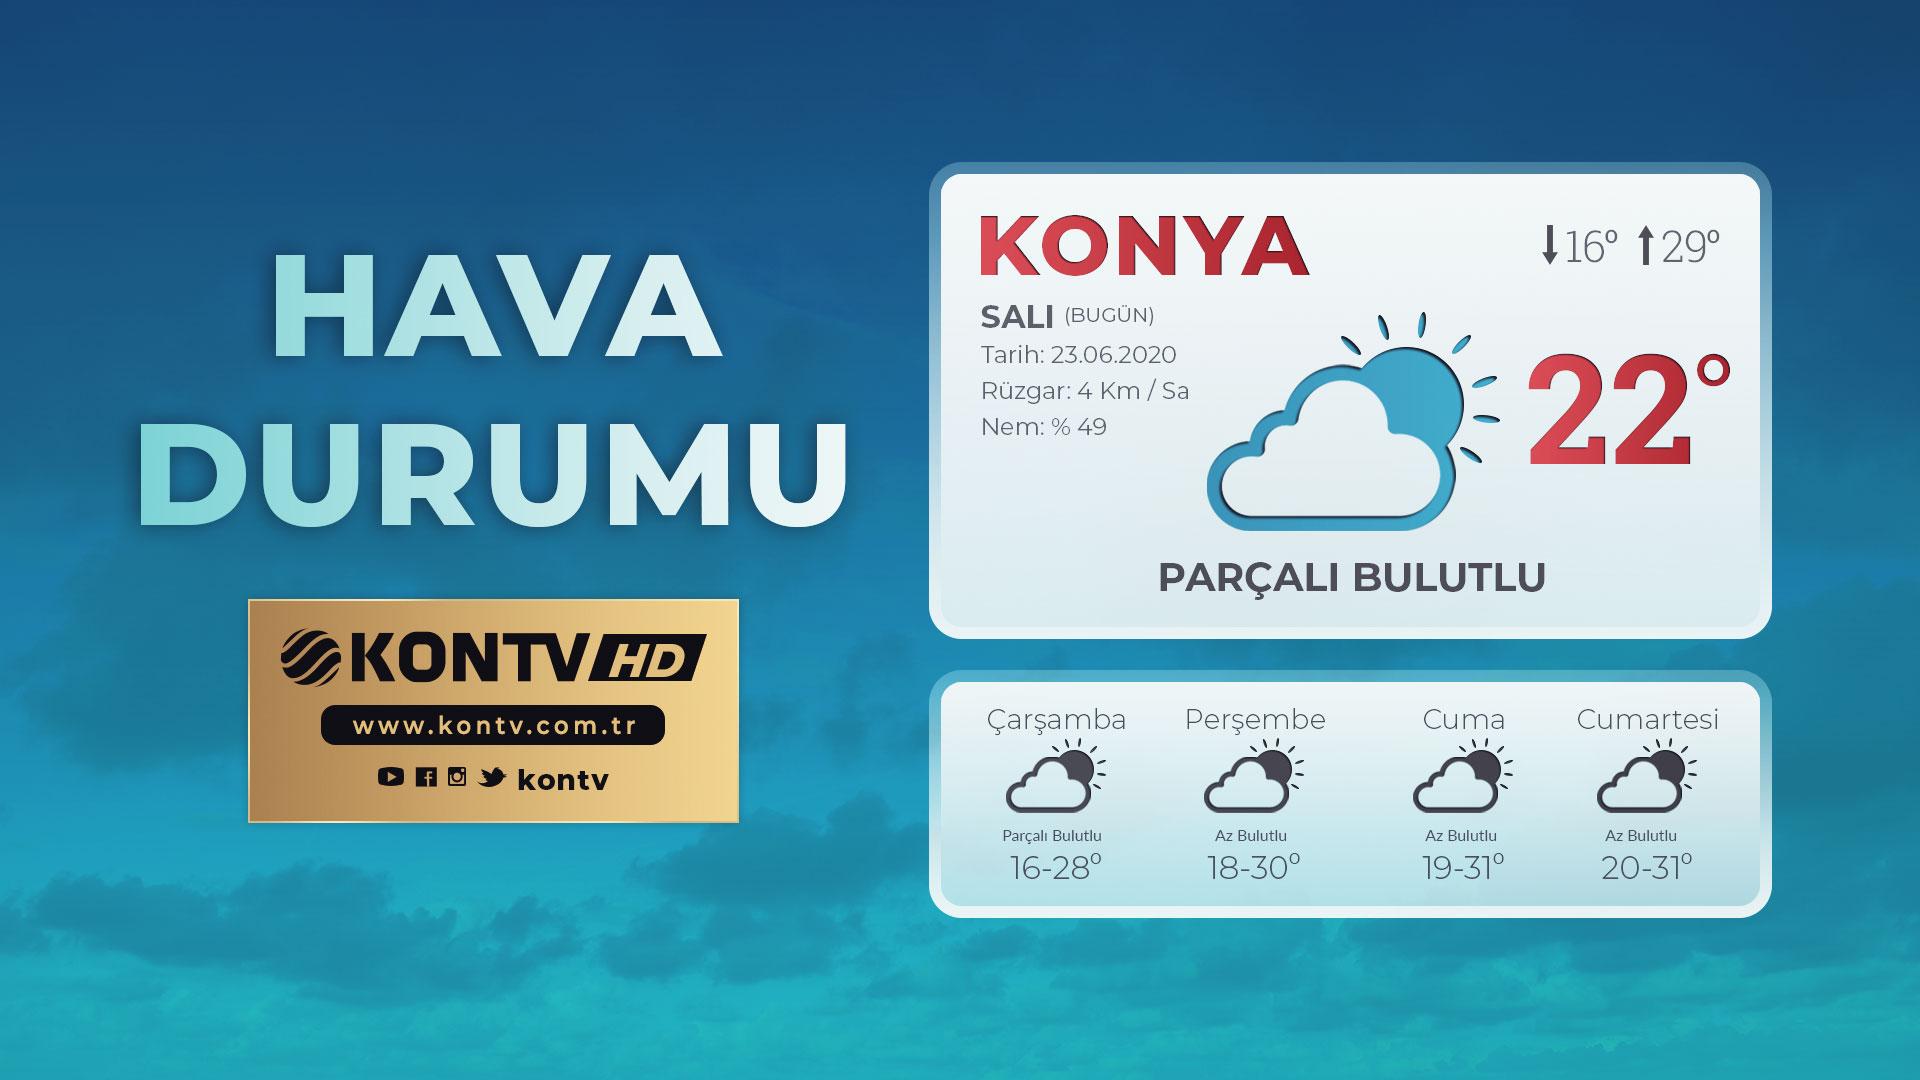 Hava-Durumu-TV